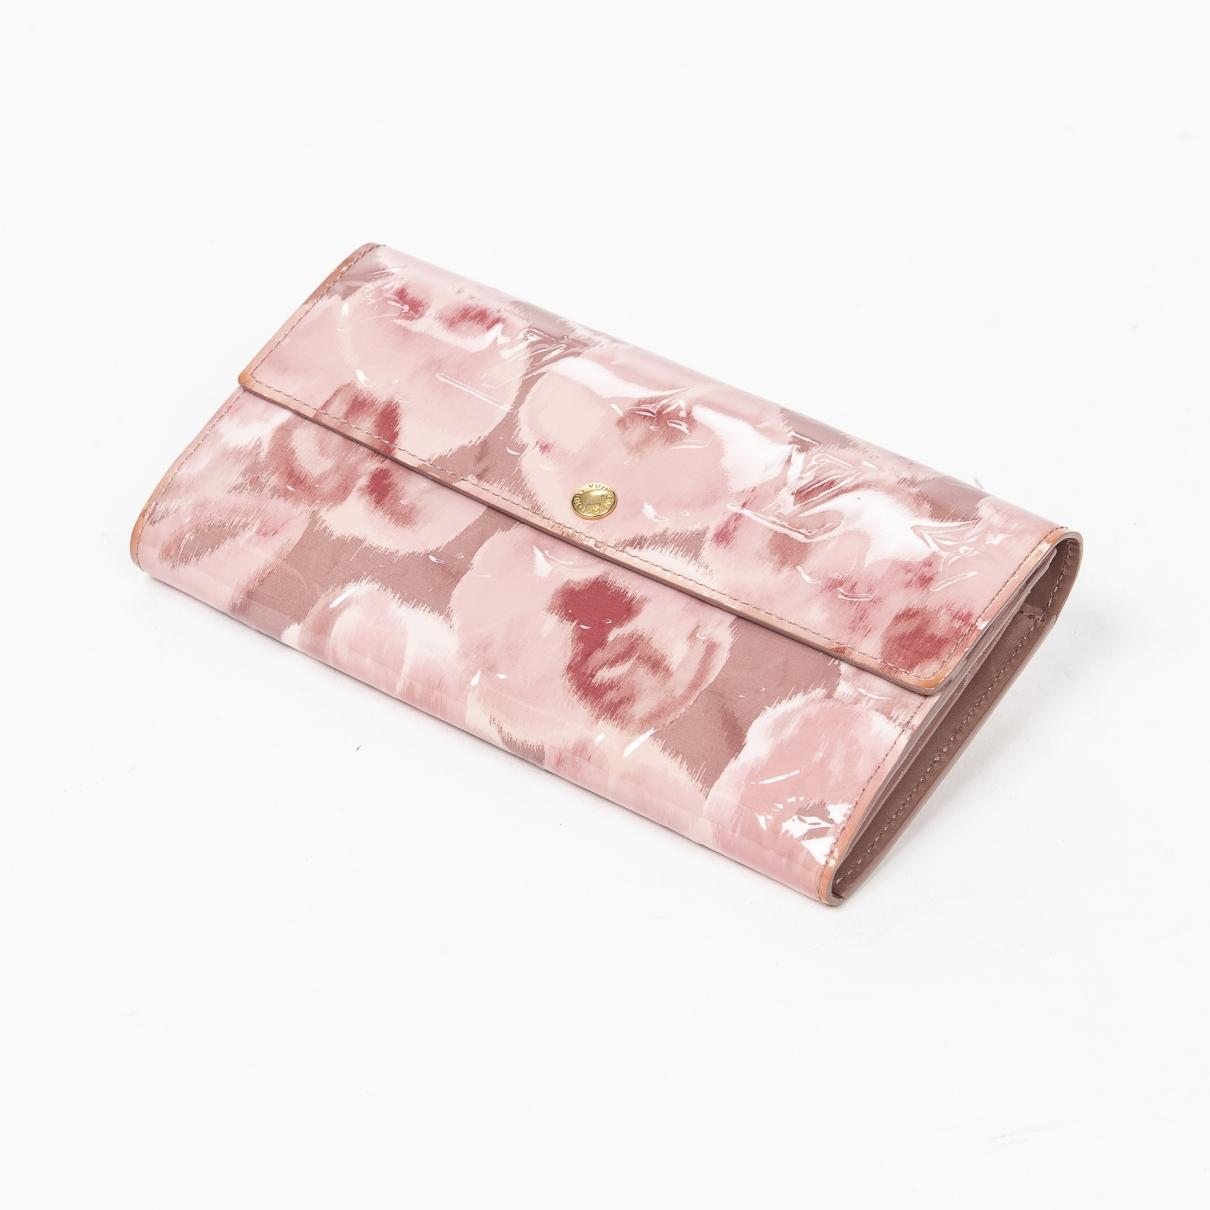 Louis Vuitton - Portefeuille   pour femme en cuir - rose